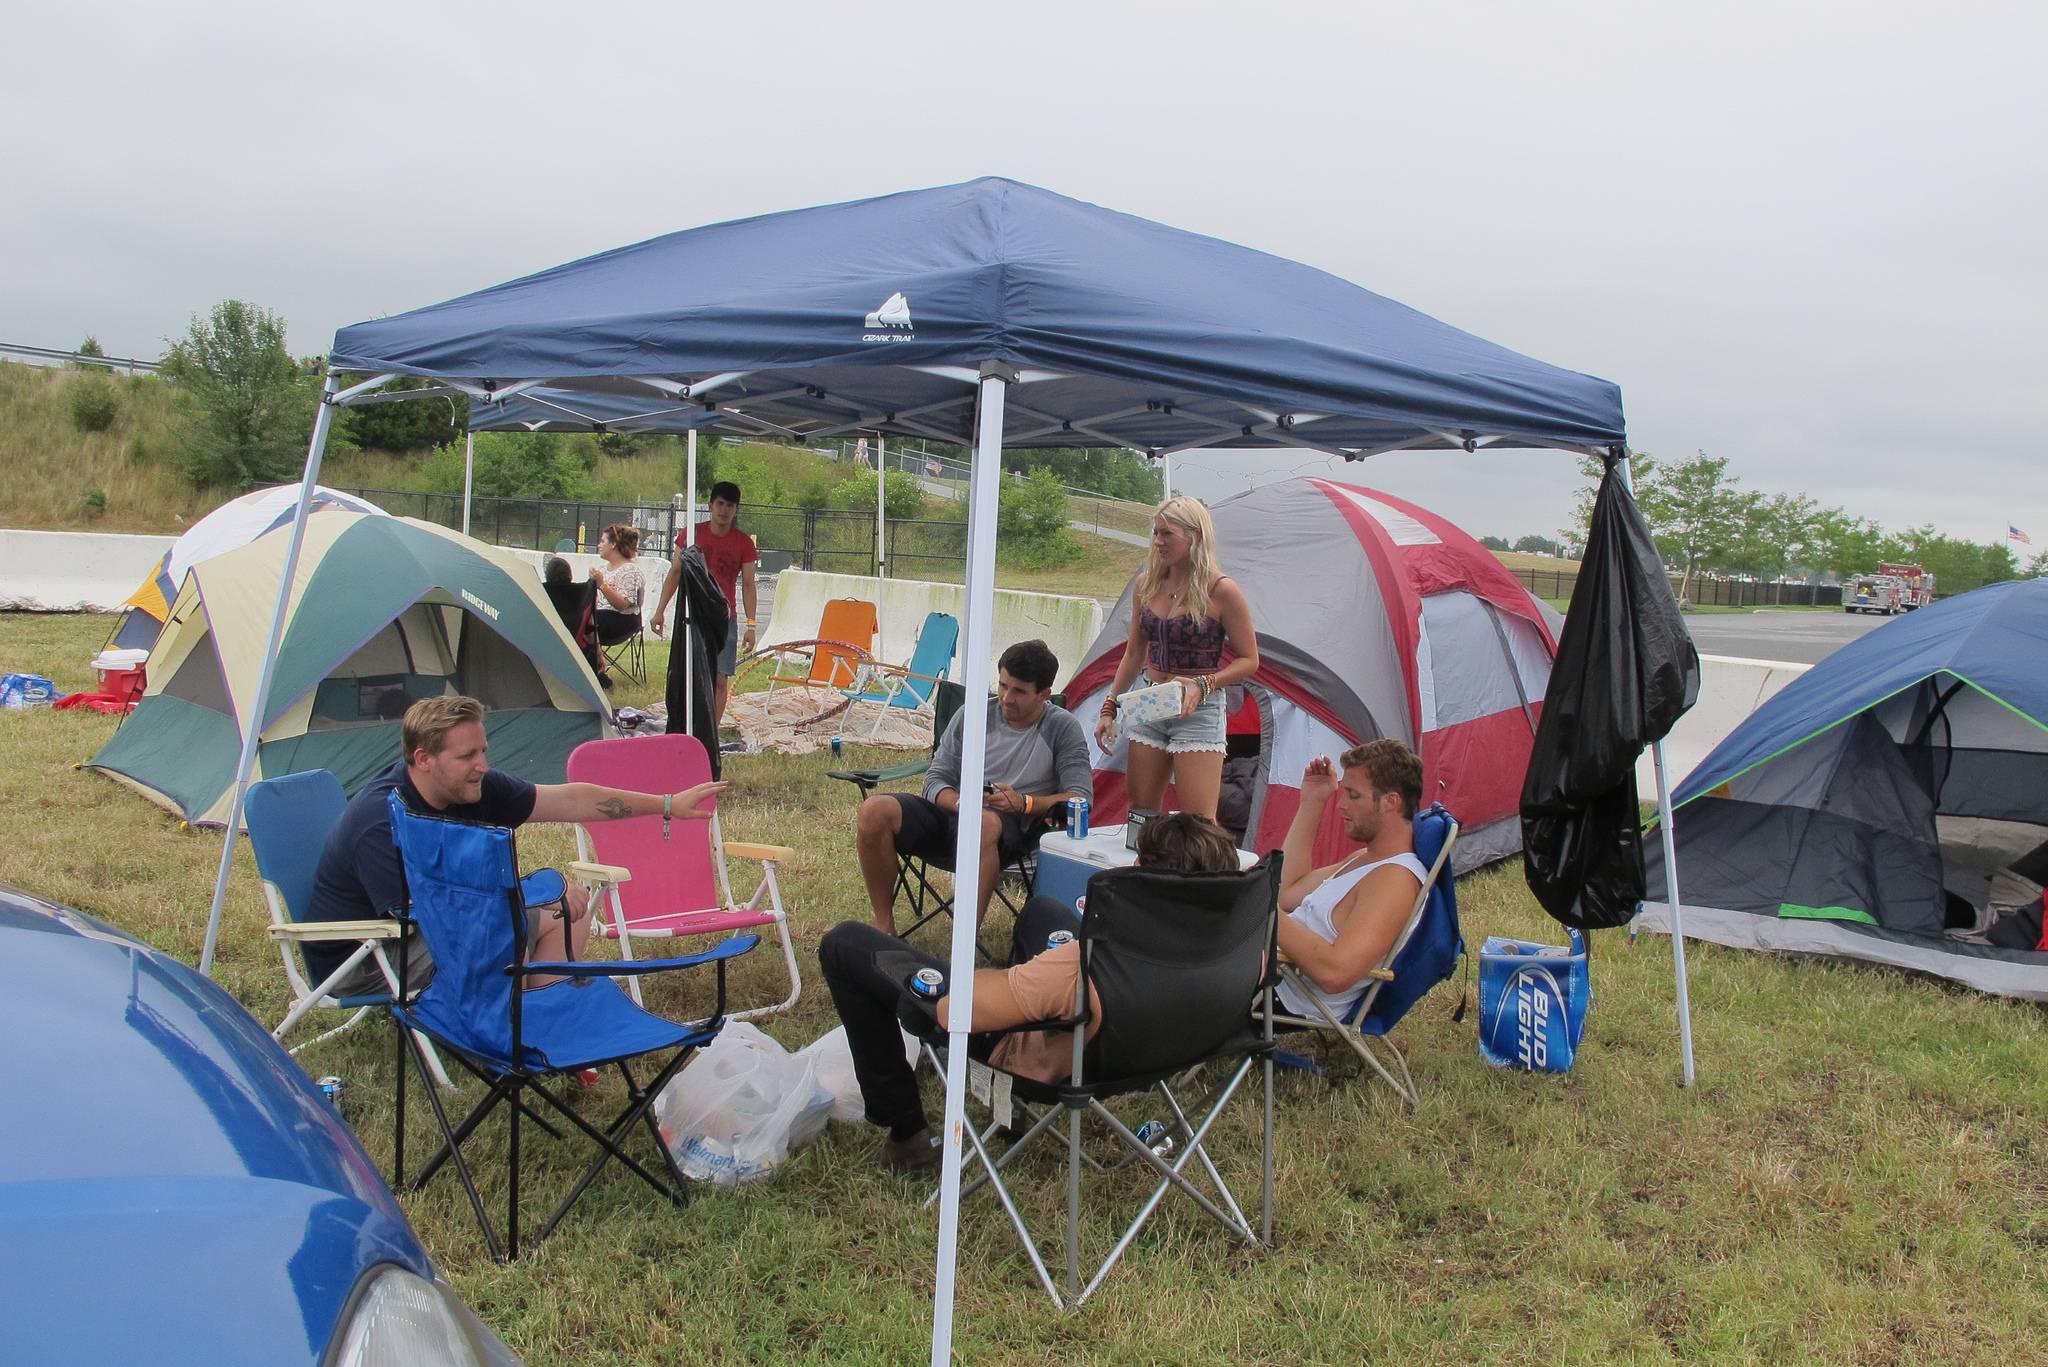 Qué llevarse a un festival de música - Gente de camping